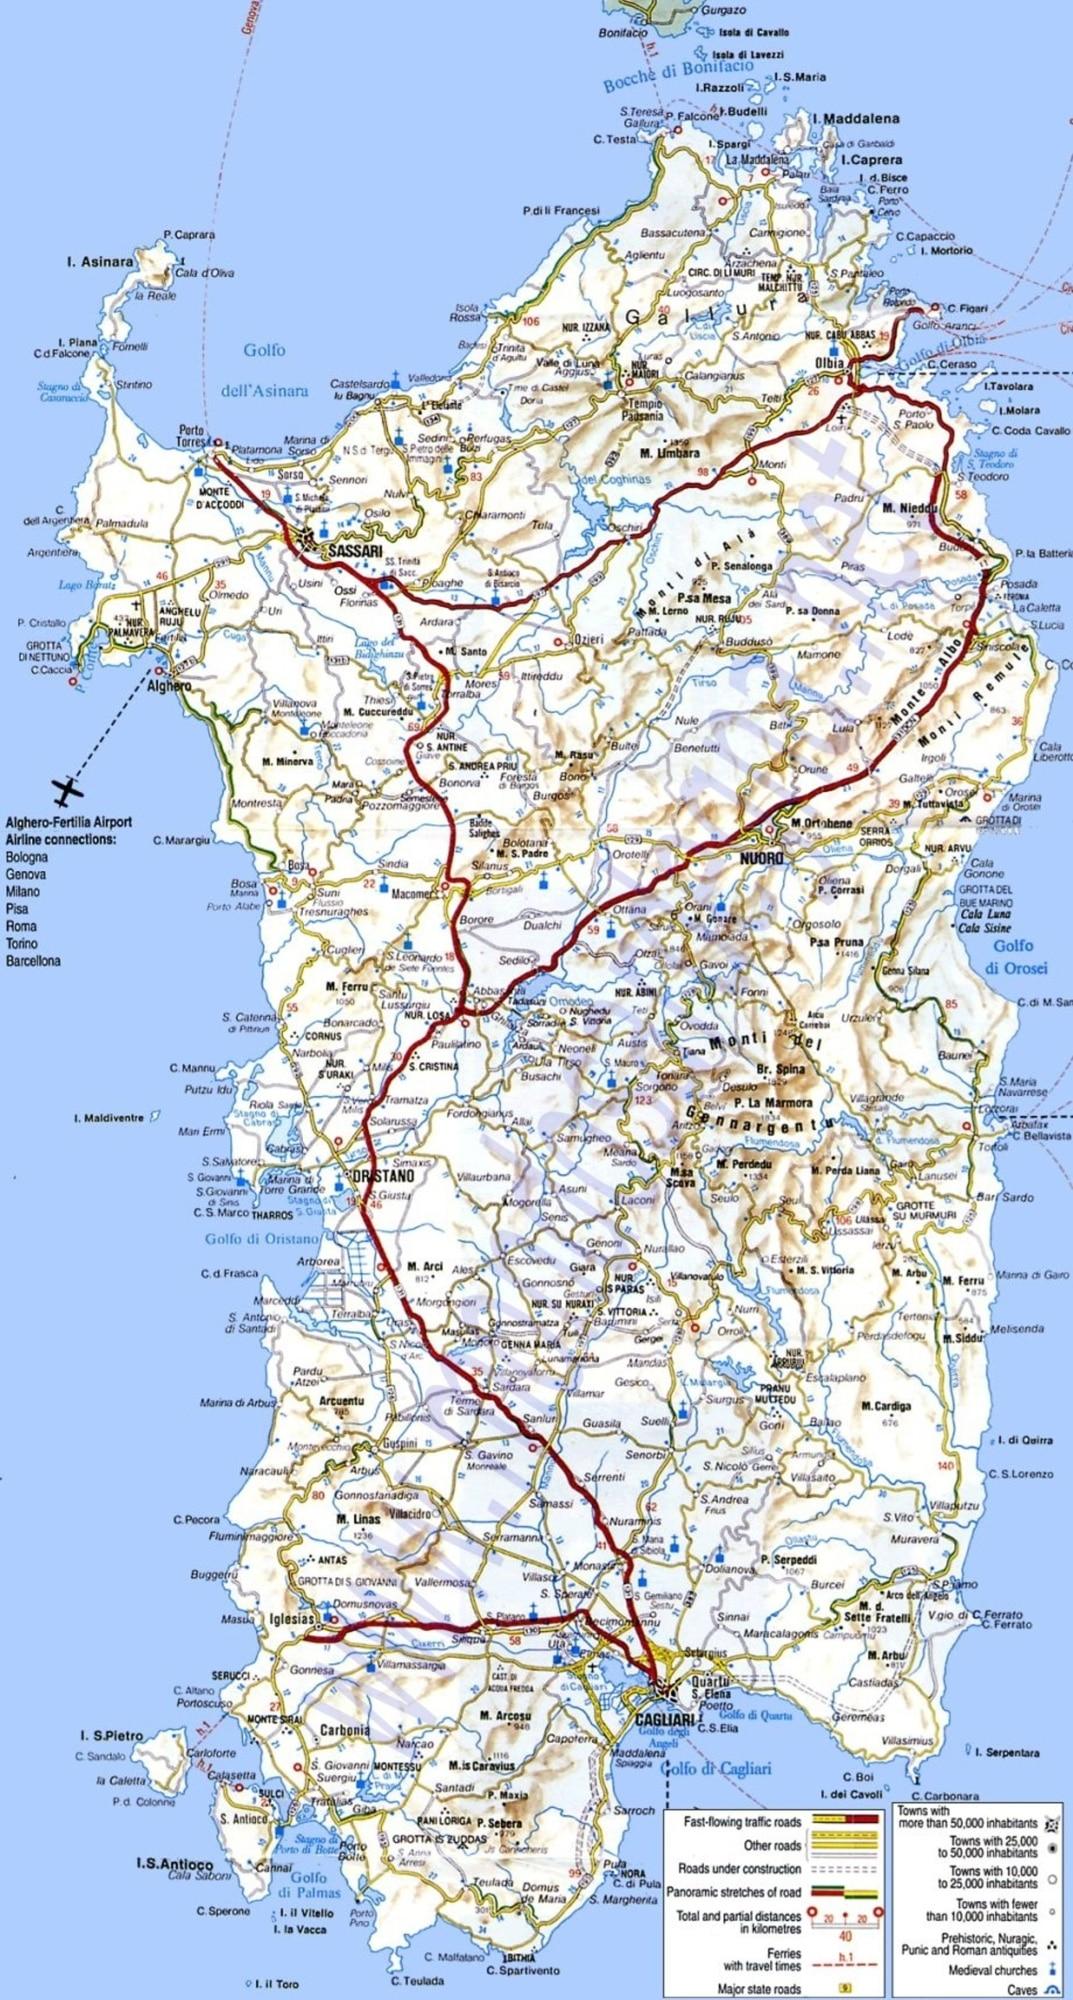 Cartina Nord Sardegna.Mappa Della Sardegna Cartina Interattiva E Download Mappe In Pdf Sardegna Info